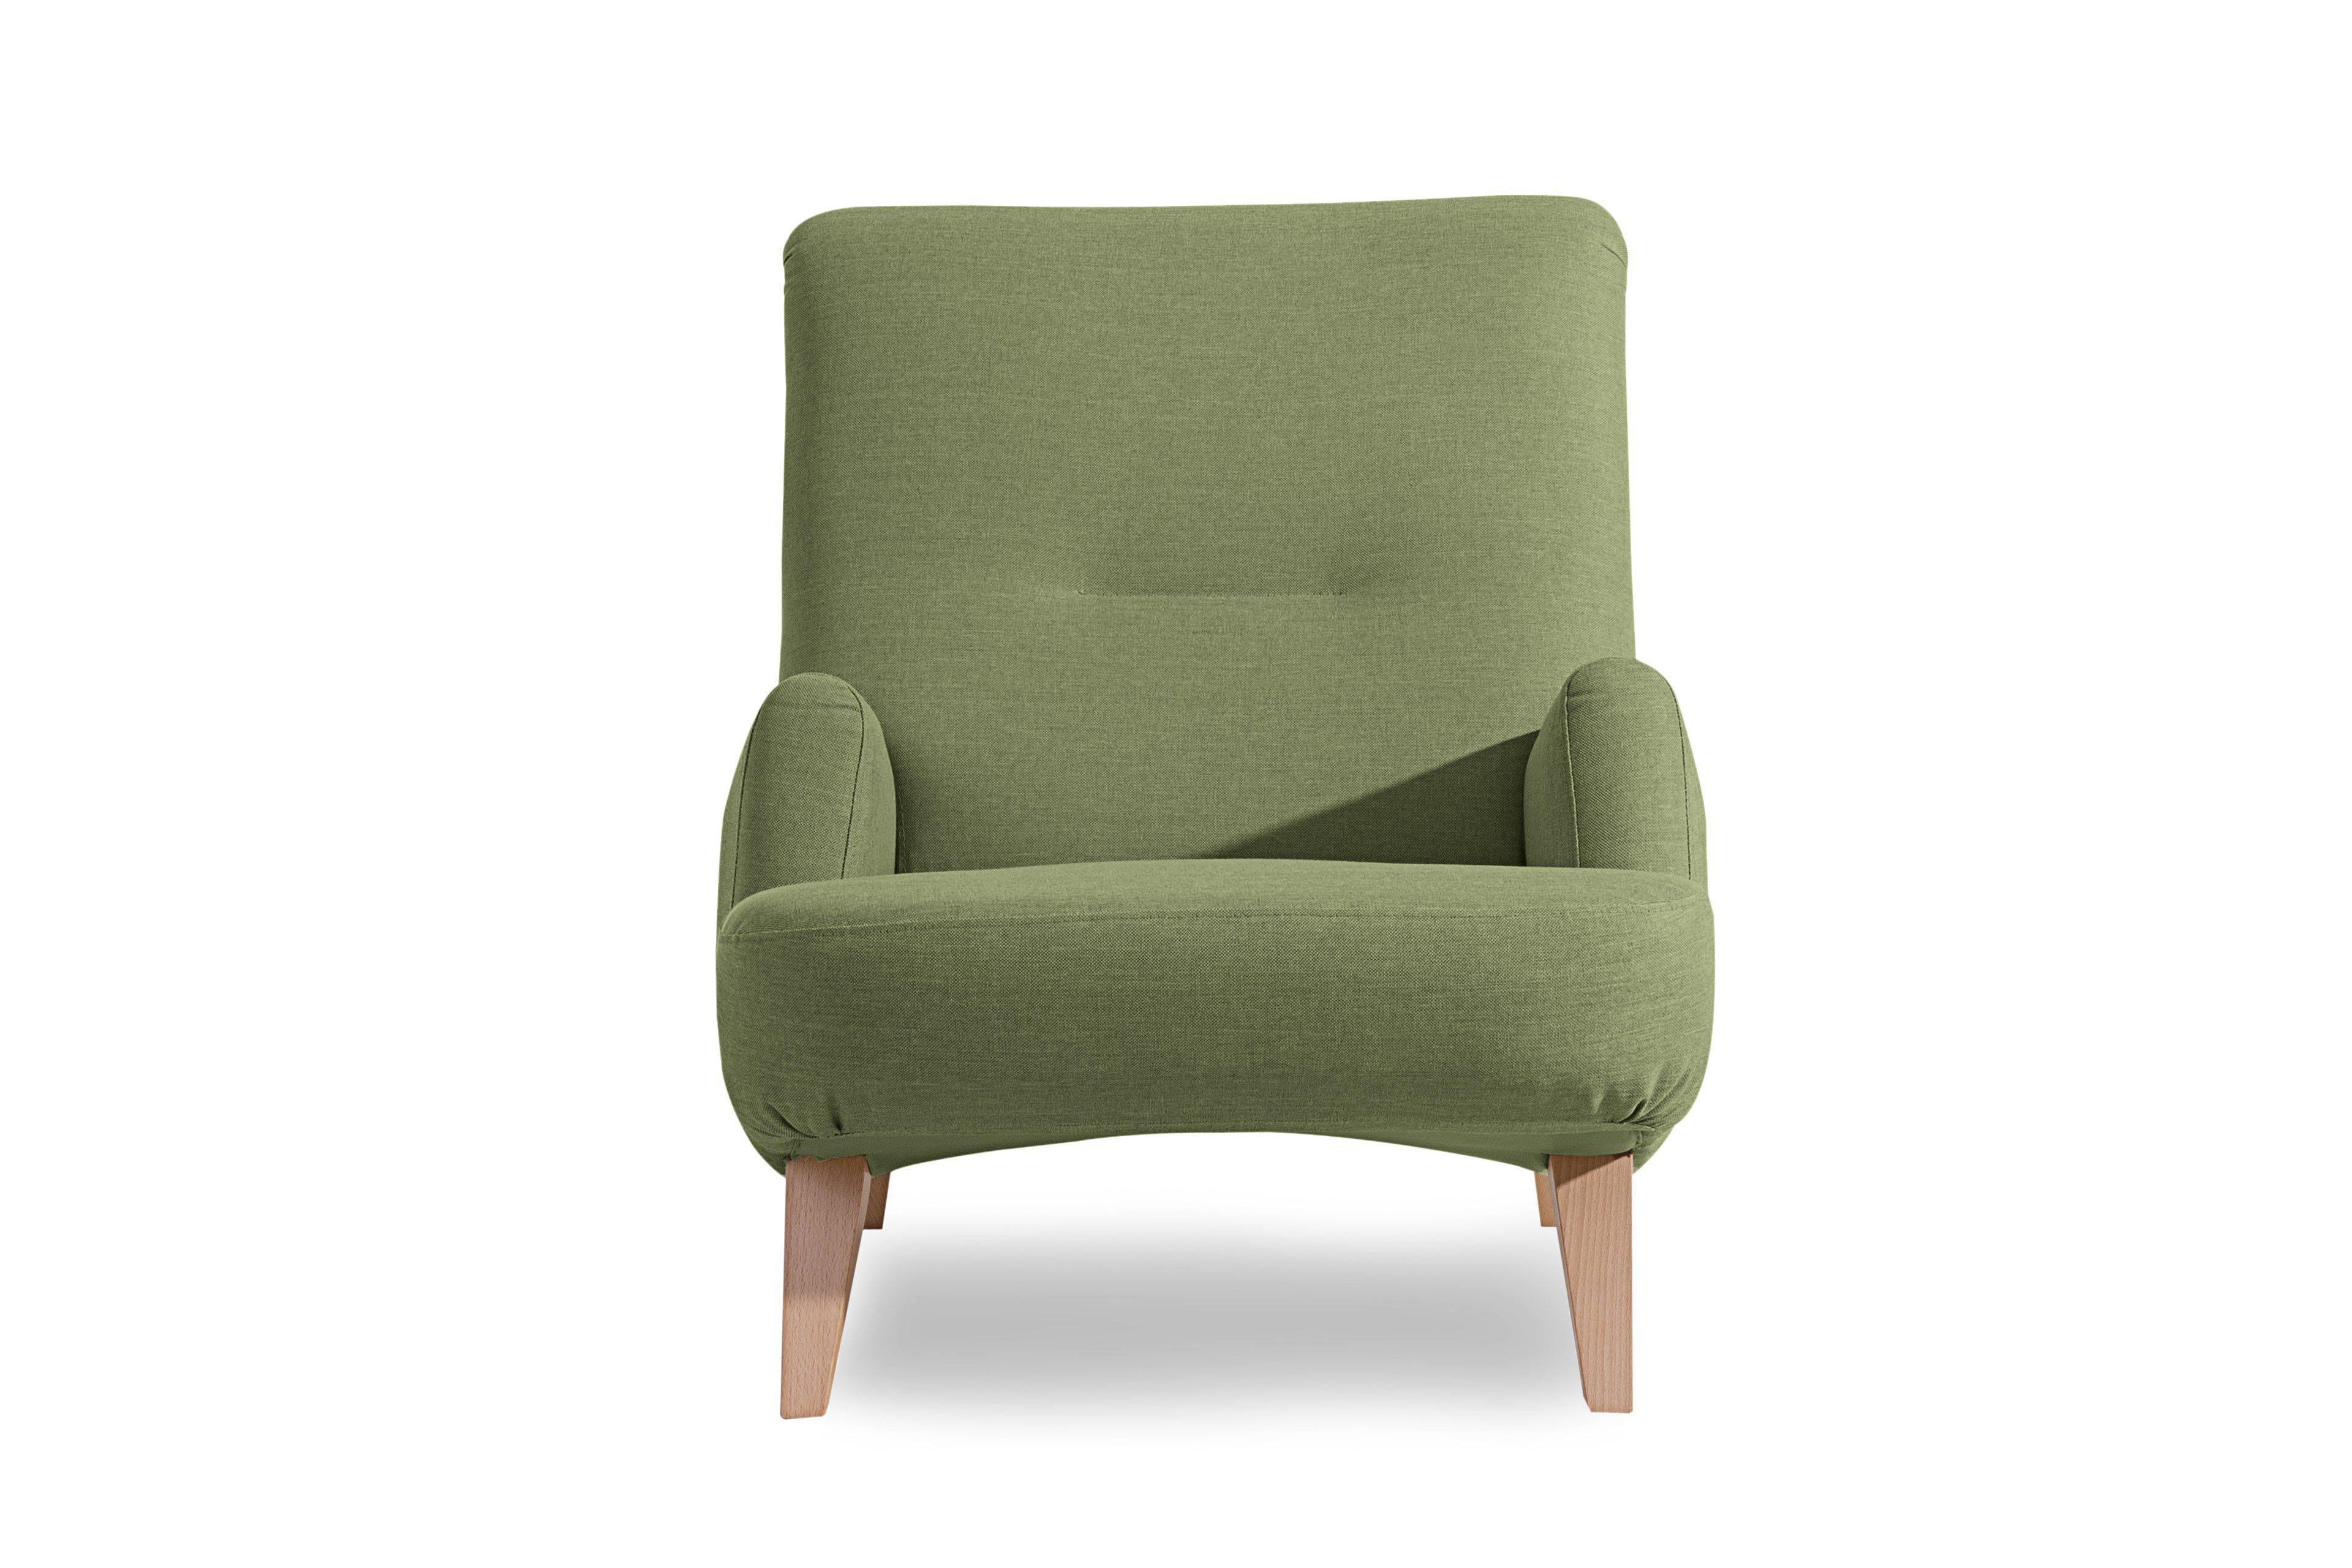 Max Winzer Brandford Sessel grün | Möbel Letz - Ihr Online-Shop